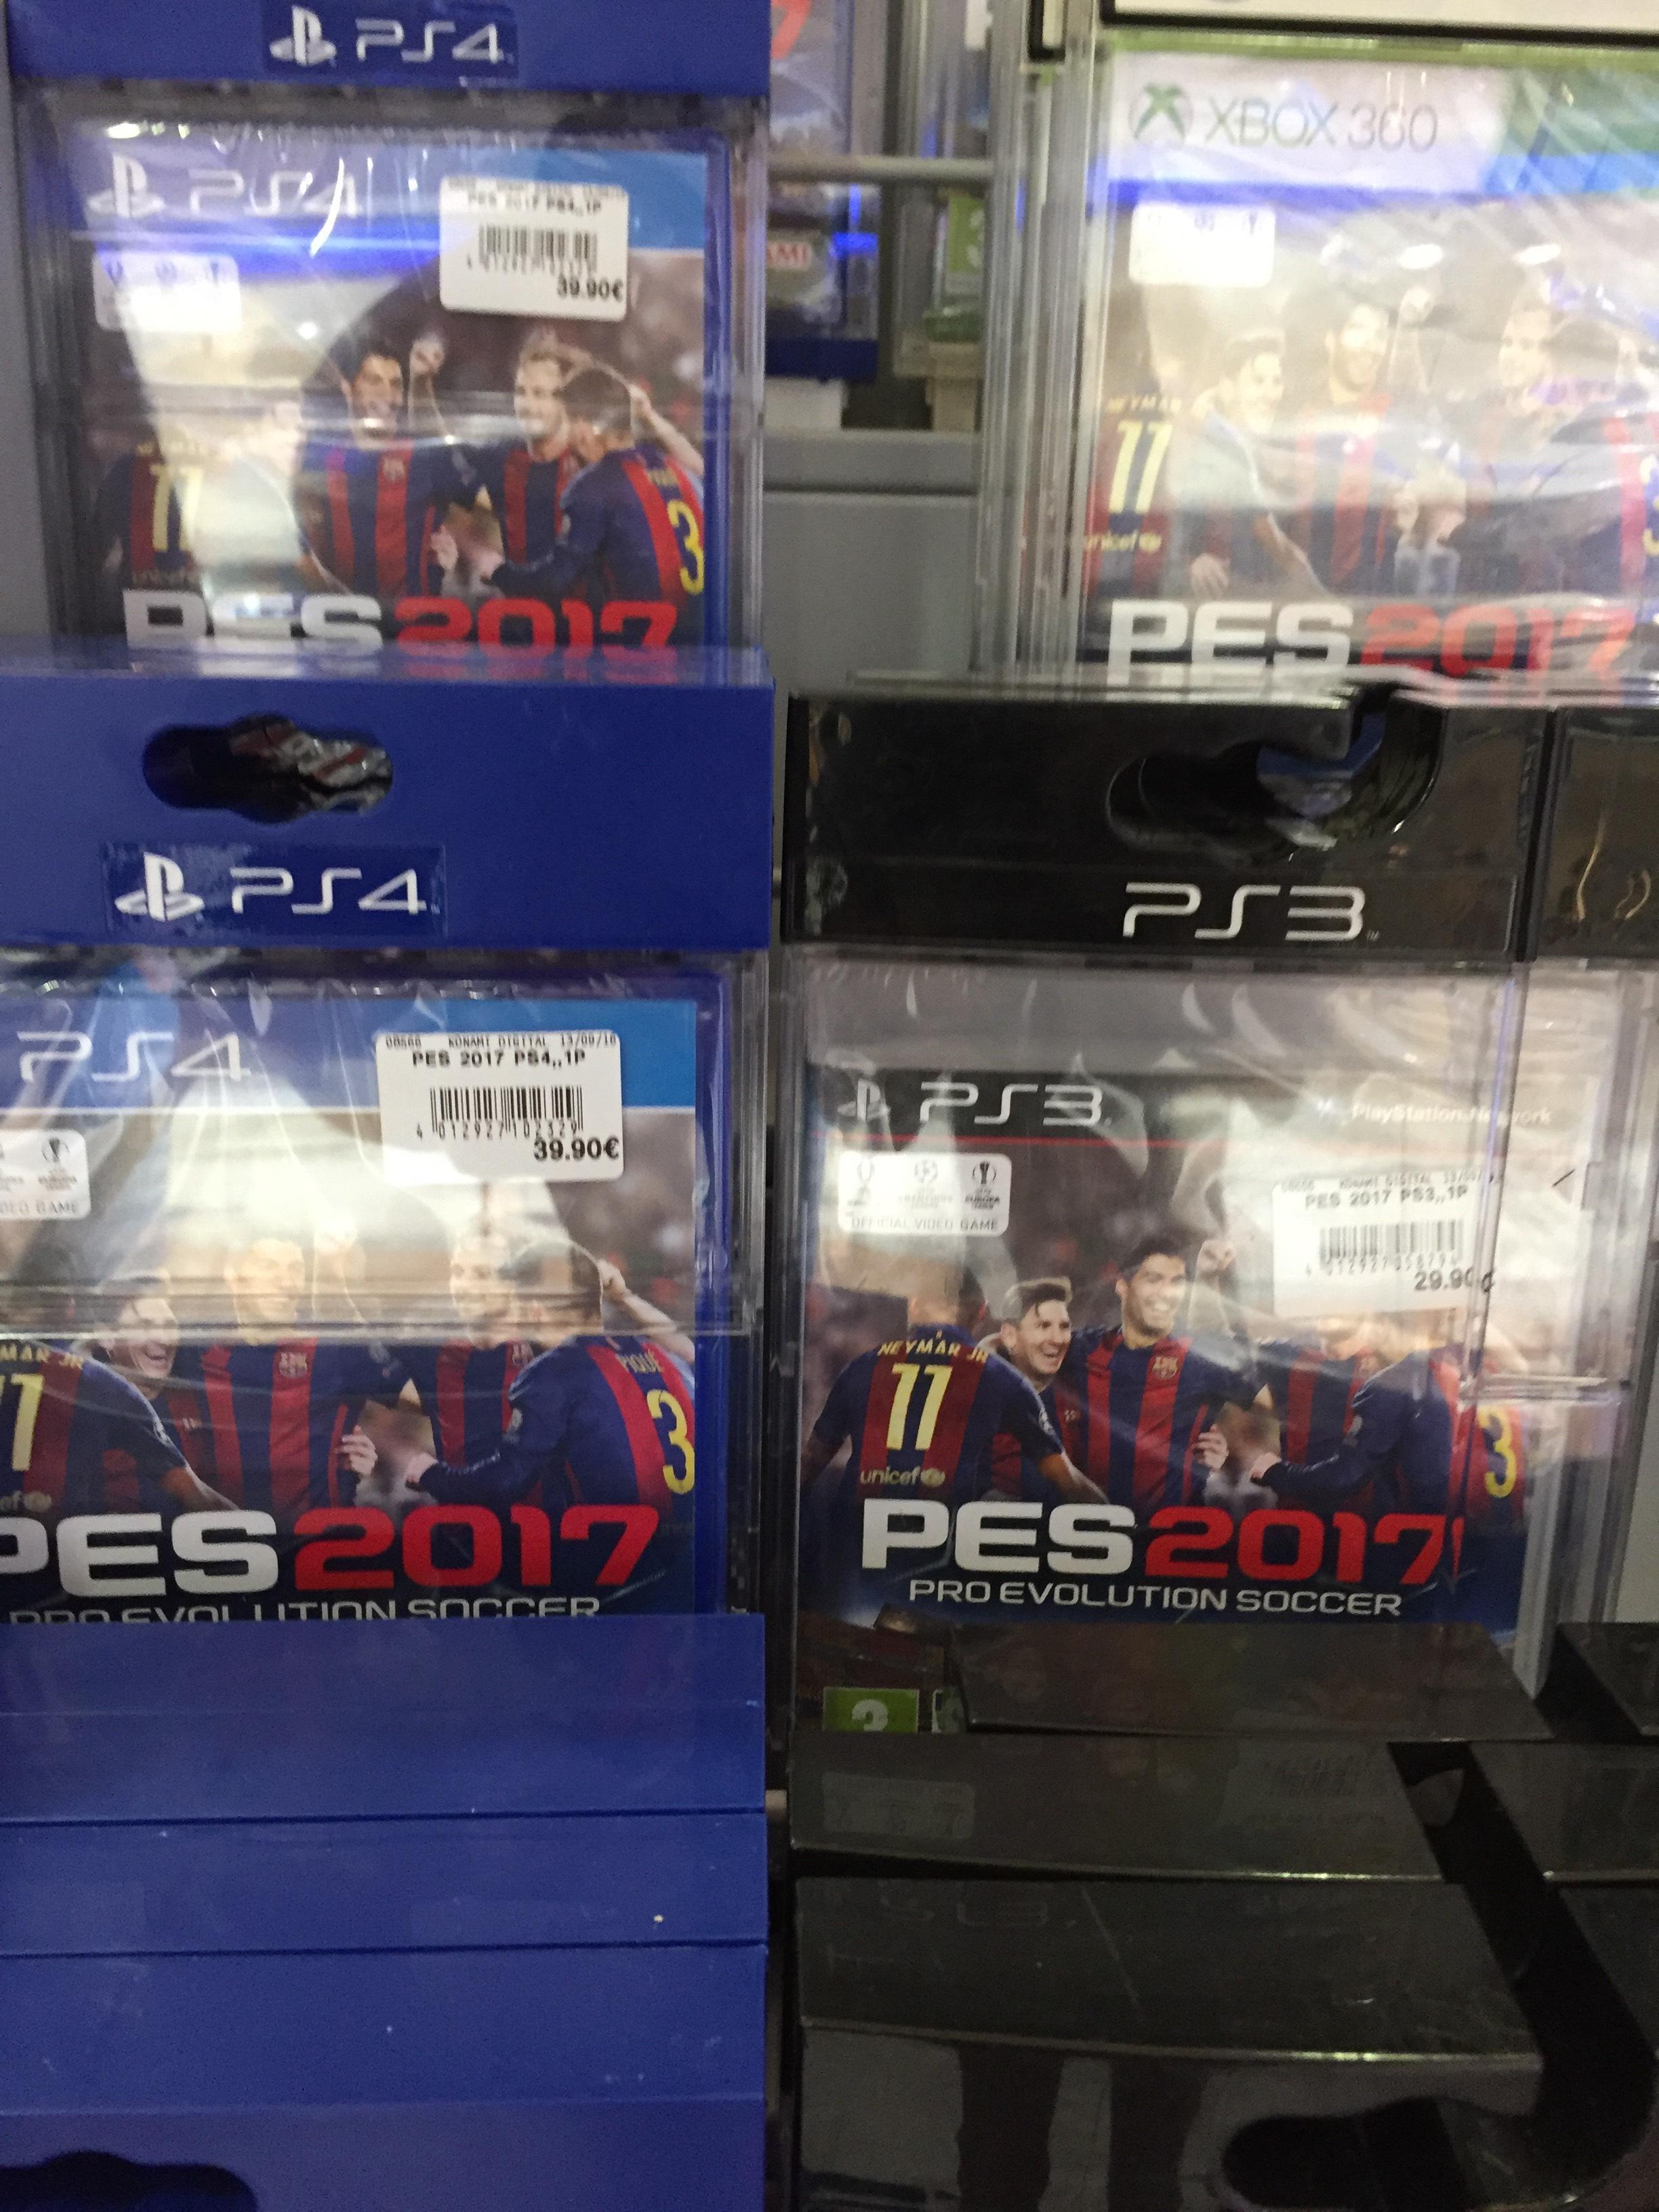 Pes 2017  sur PS3 pour 29.90€  et sur PS4